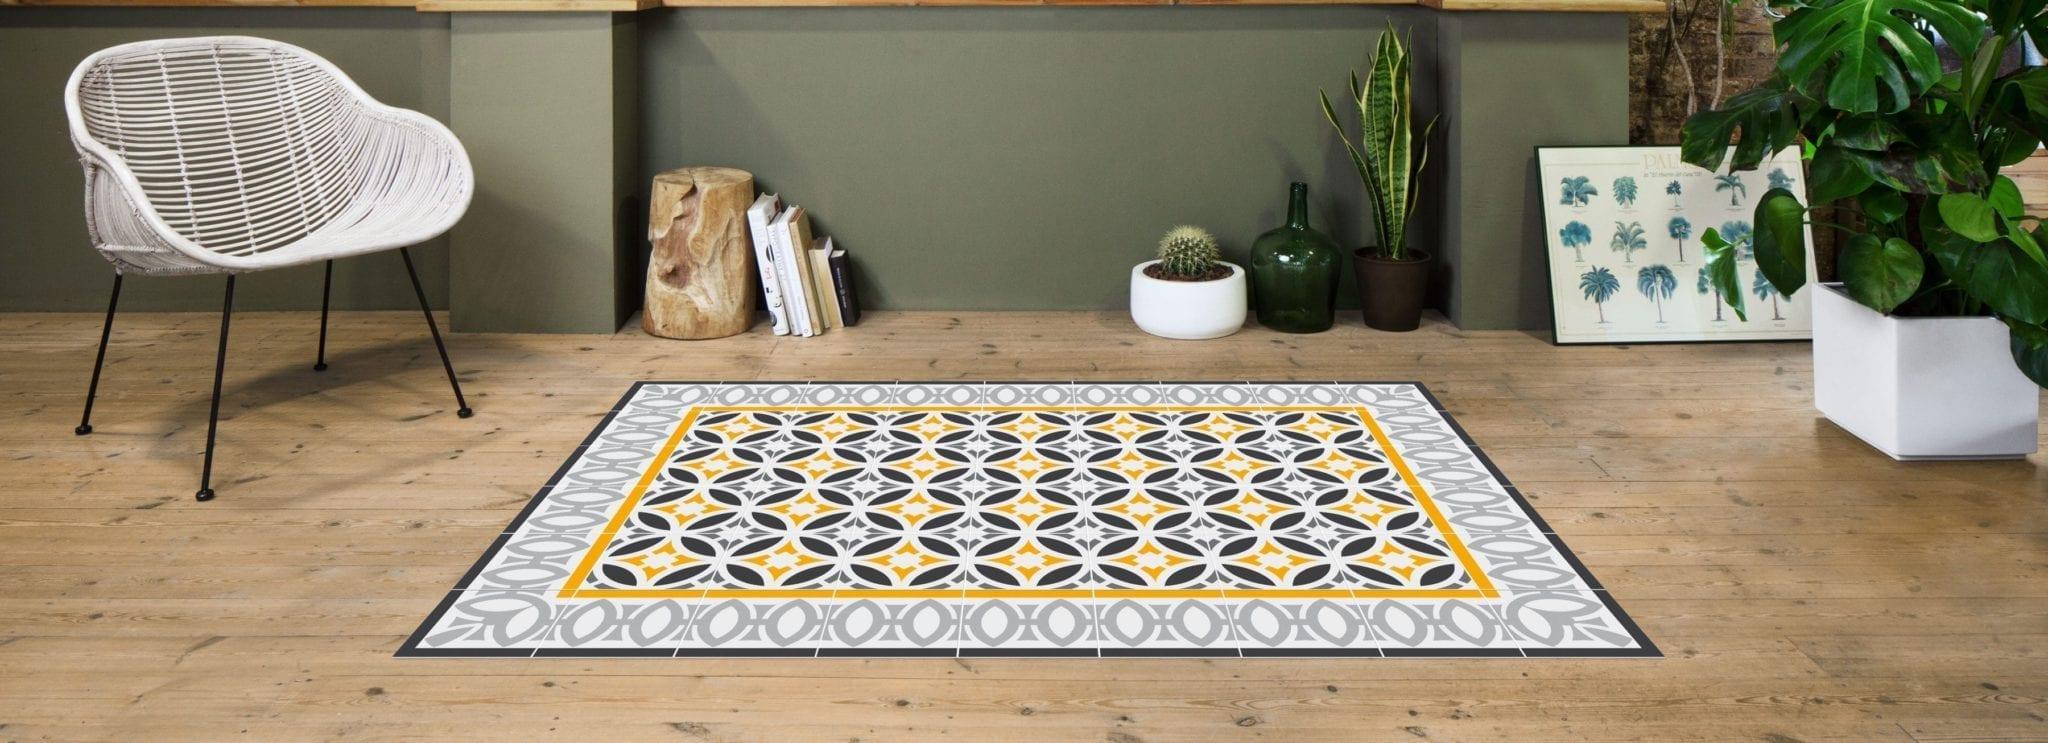 Alfombras que reproducen baldosas hidr ulicas for Tipos de alfombras